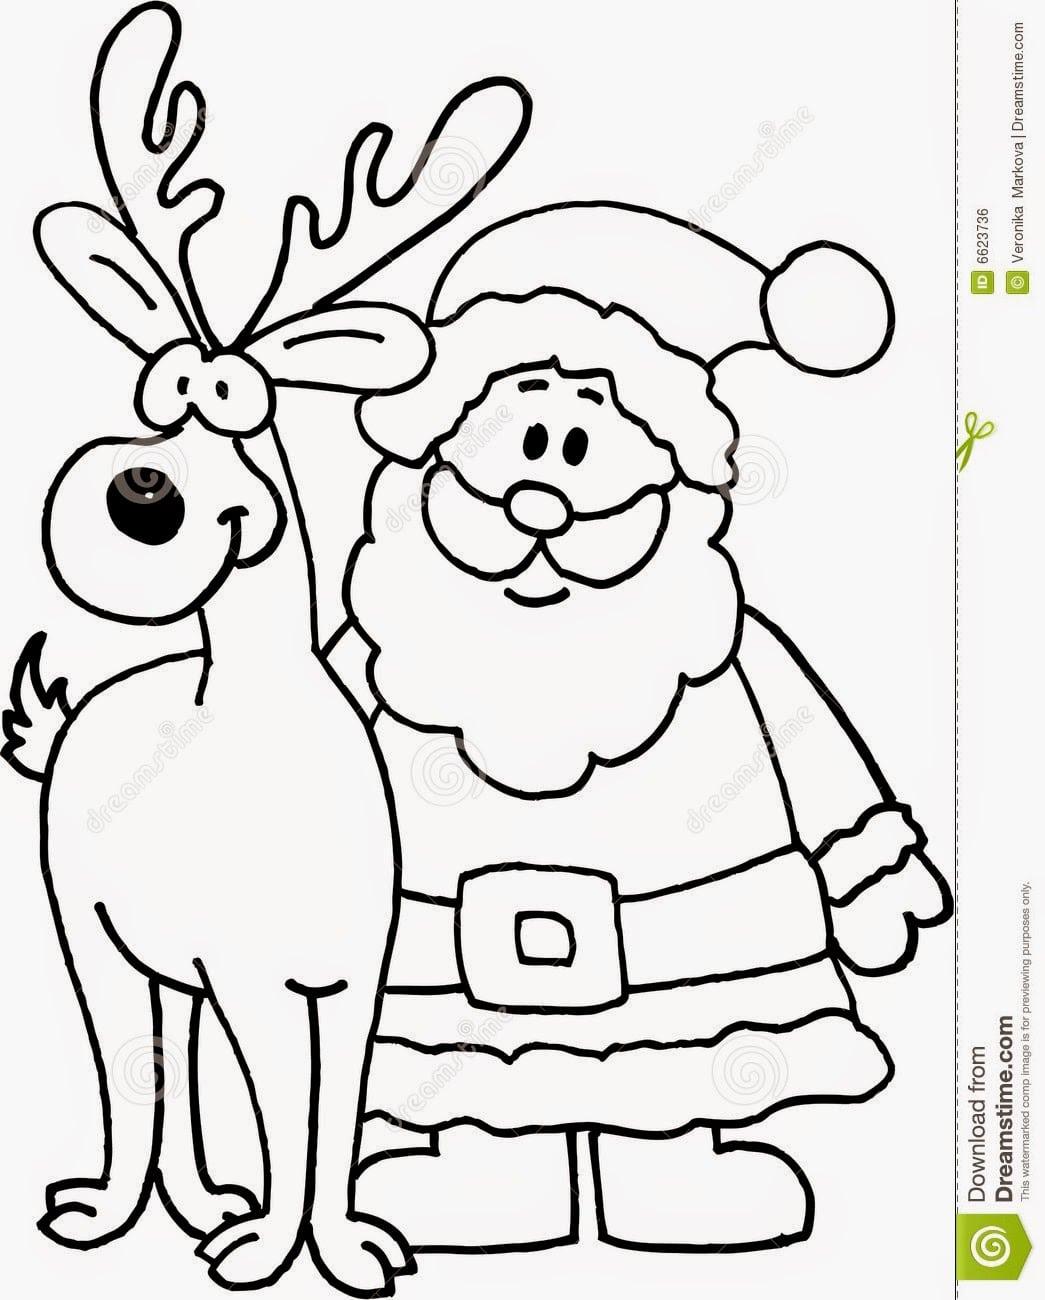 Imagens De Papai Noel Para Colorir